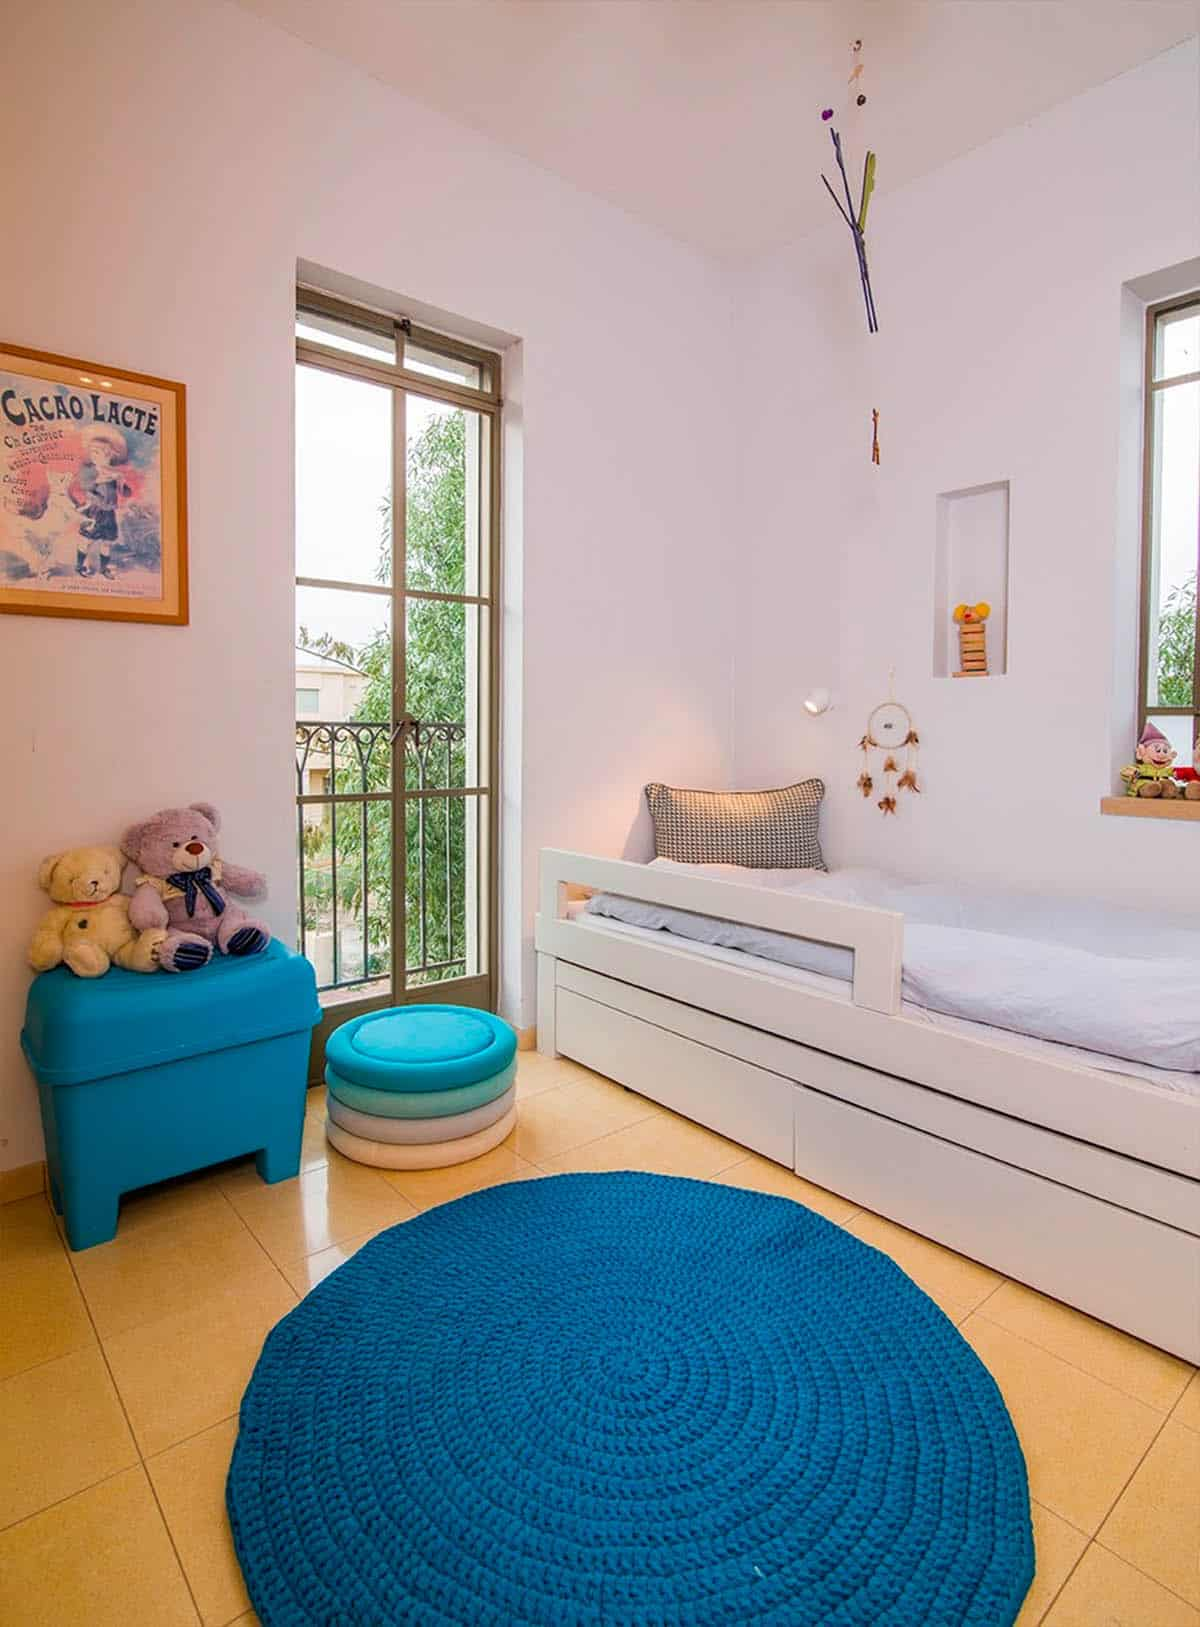 שטיח כותנה עגול בצבע טורקיז בחדר של ילד צעיר בבית פרטי בעמק חפר - שירית דרמן מעצבת פנים